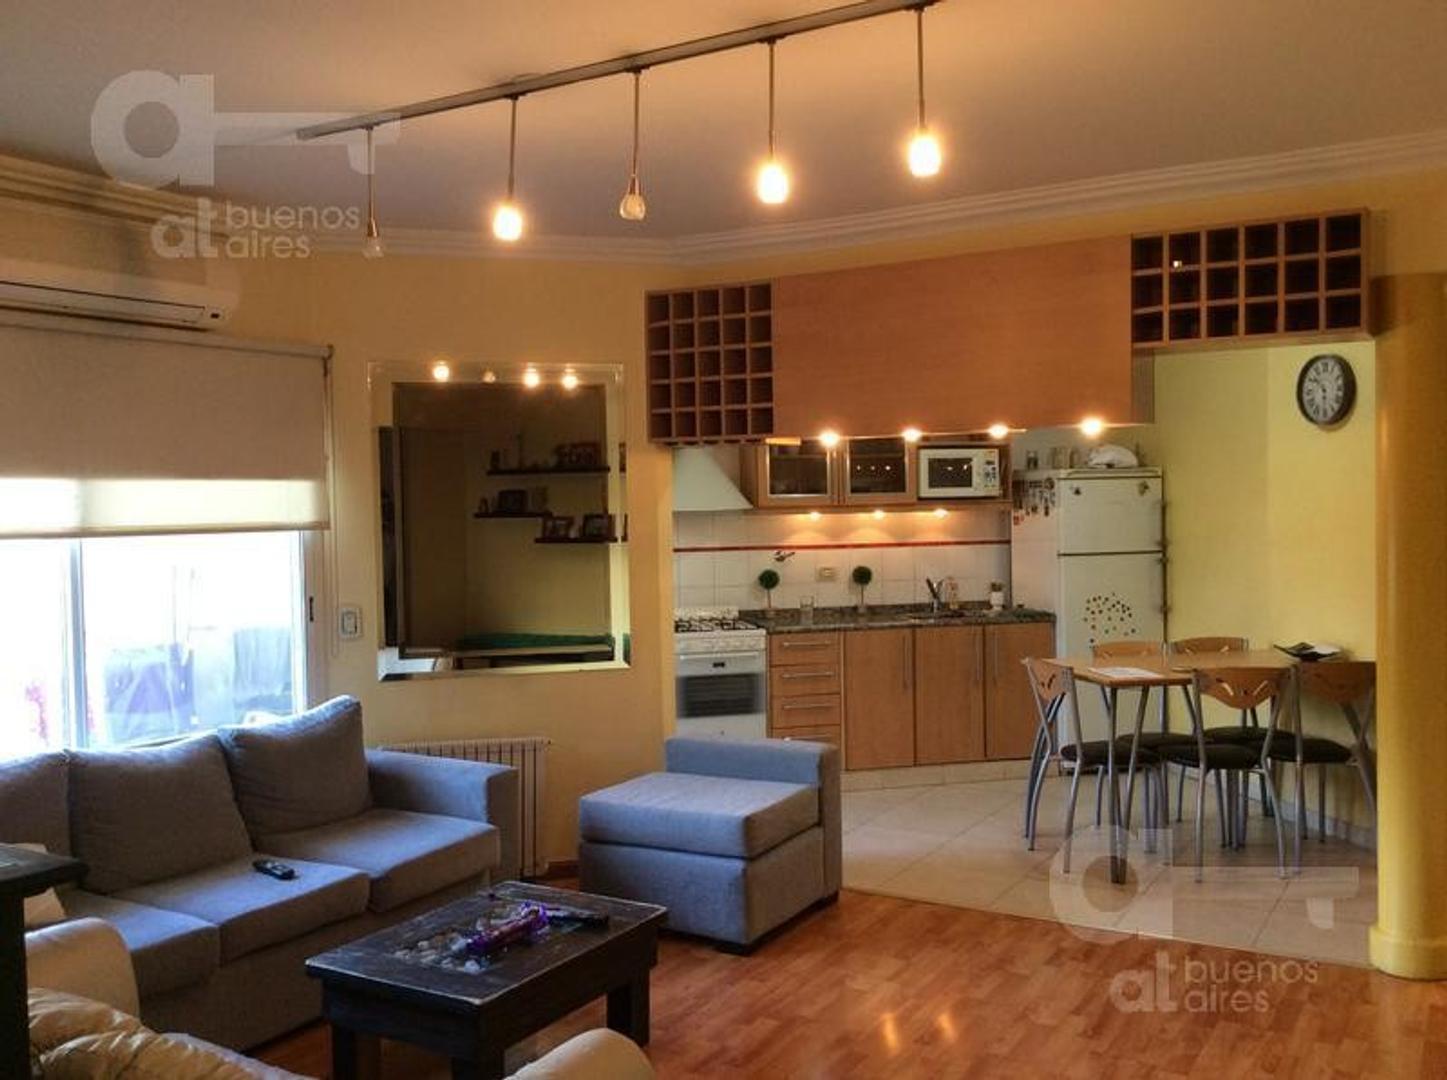 Villa Luro - 4 Ambientes al frente con balcón - En Venta